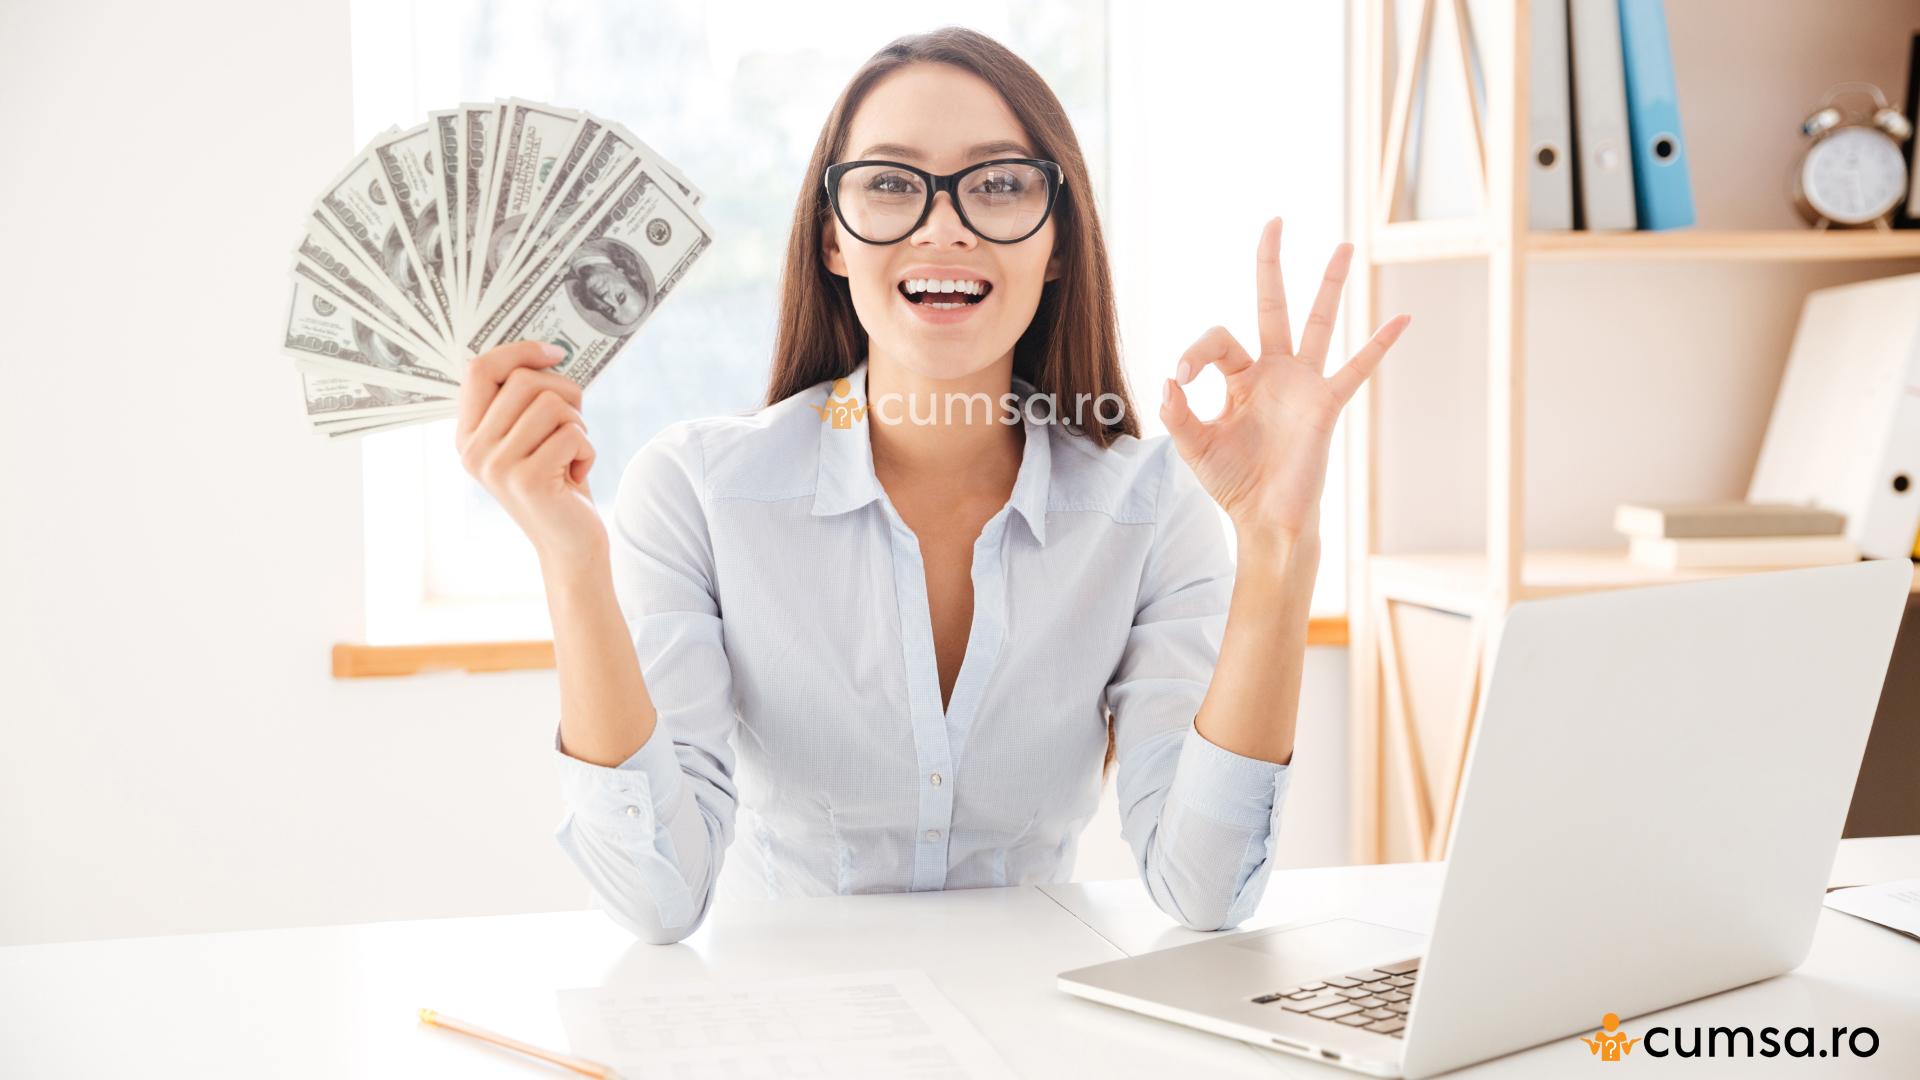 cum să faci bani afaceri idee